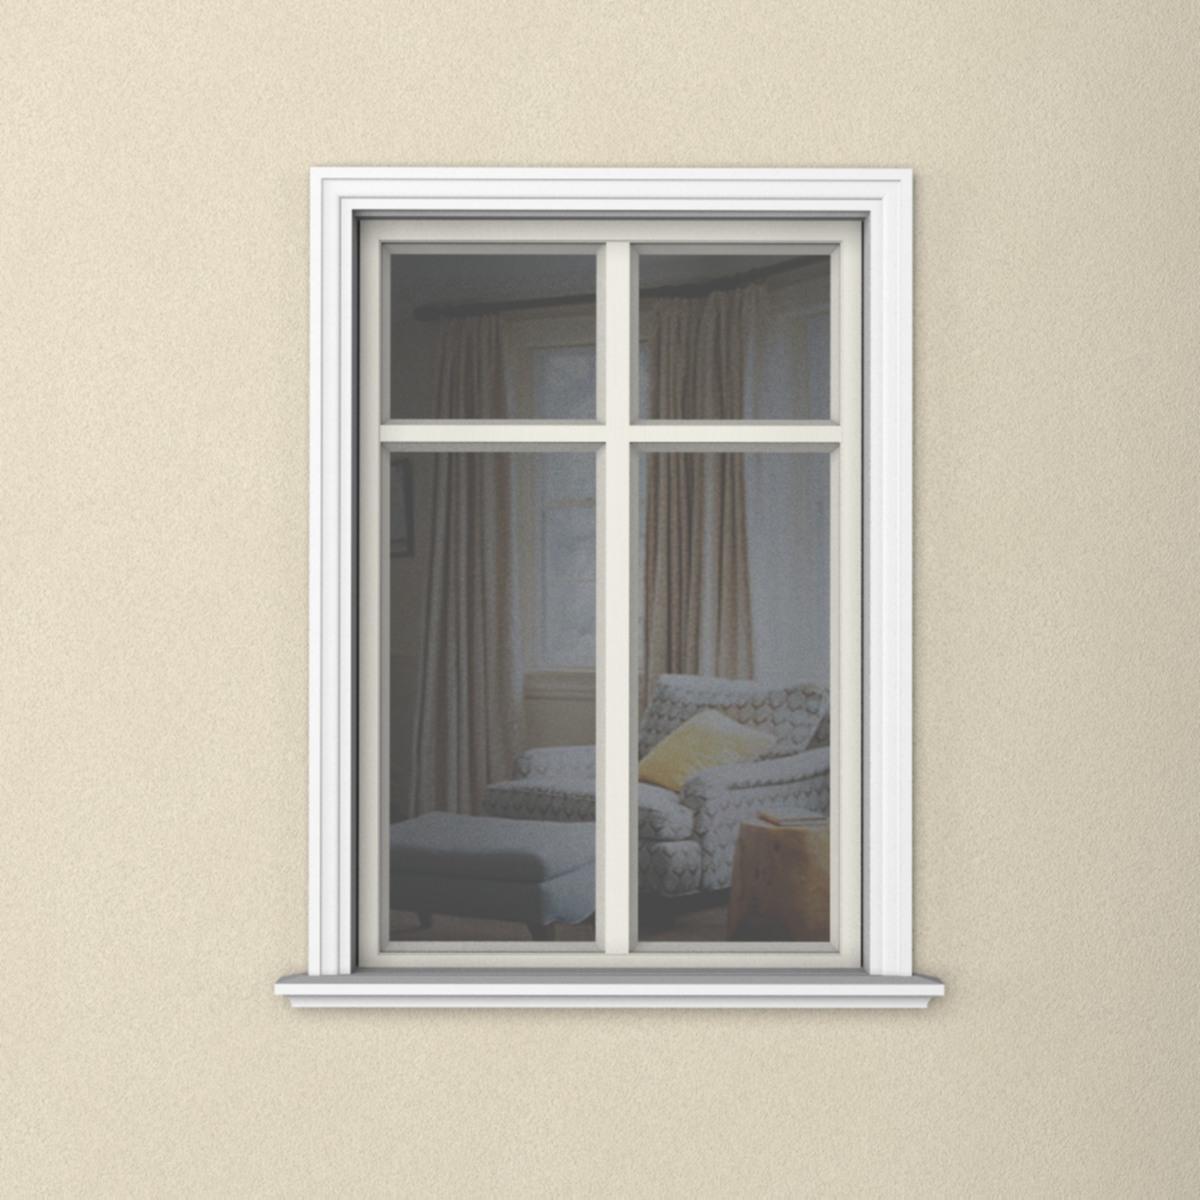 наличник окна